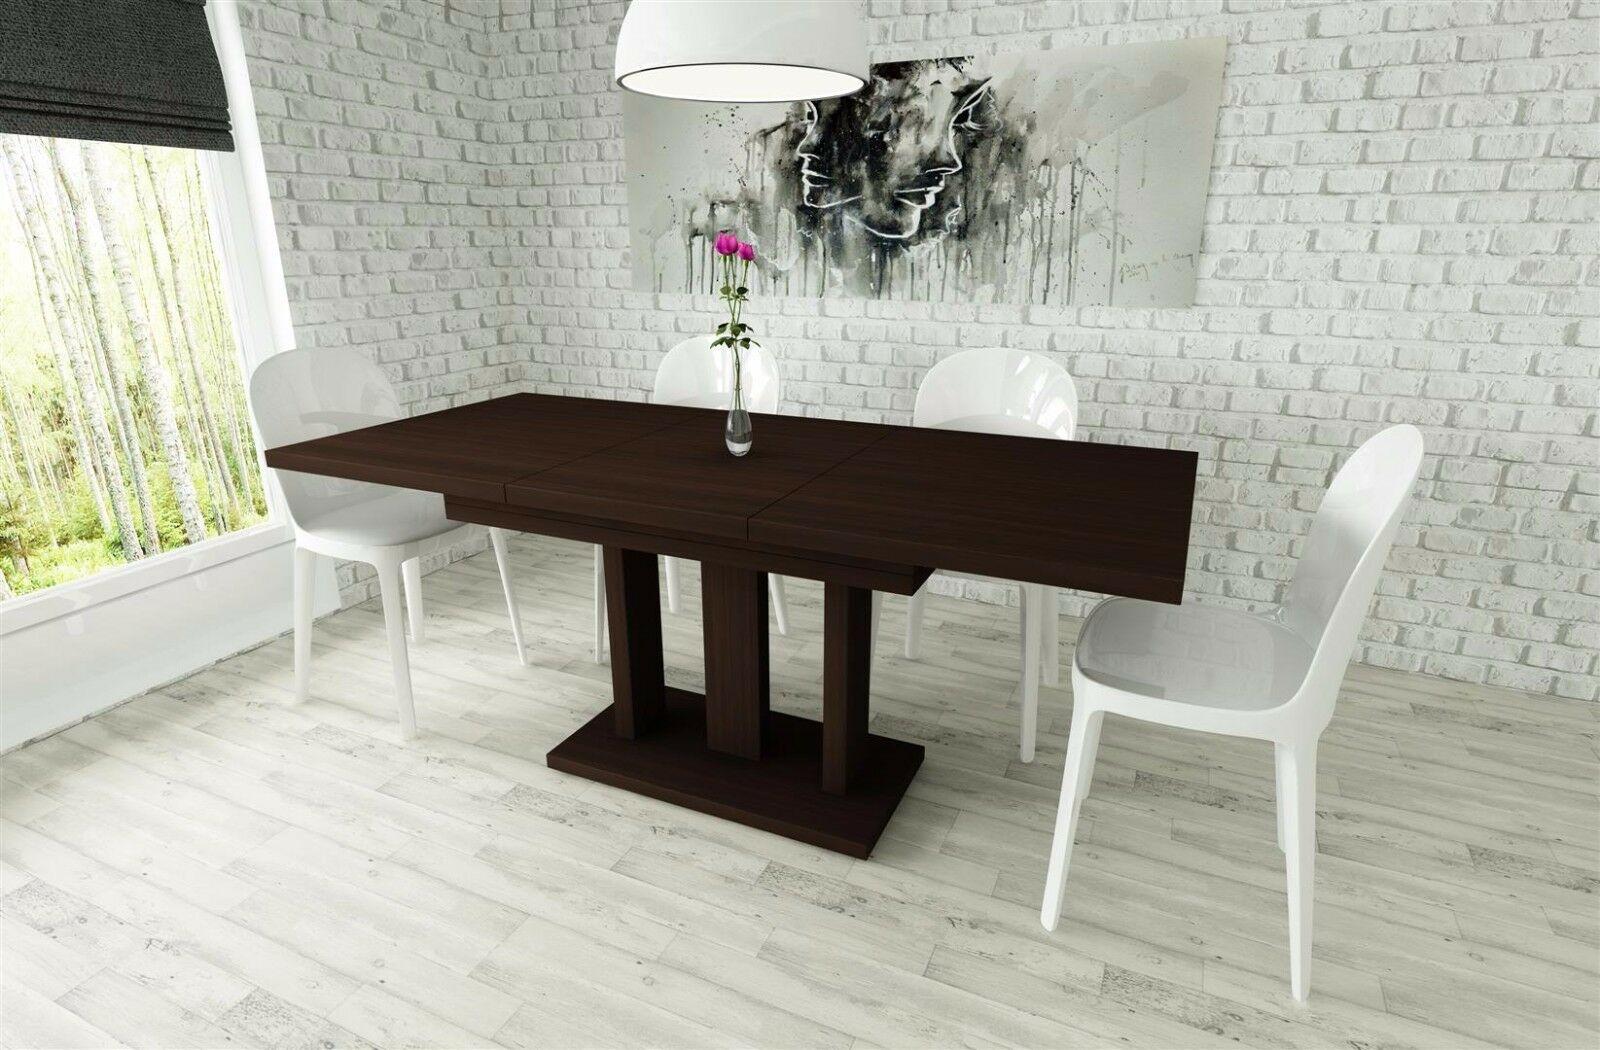 Moderner Säulentisch Esstisch Ausziehbar Edler Auszugtisch Günstig